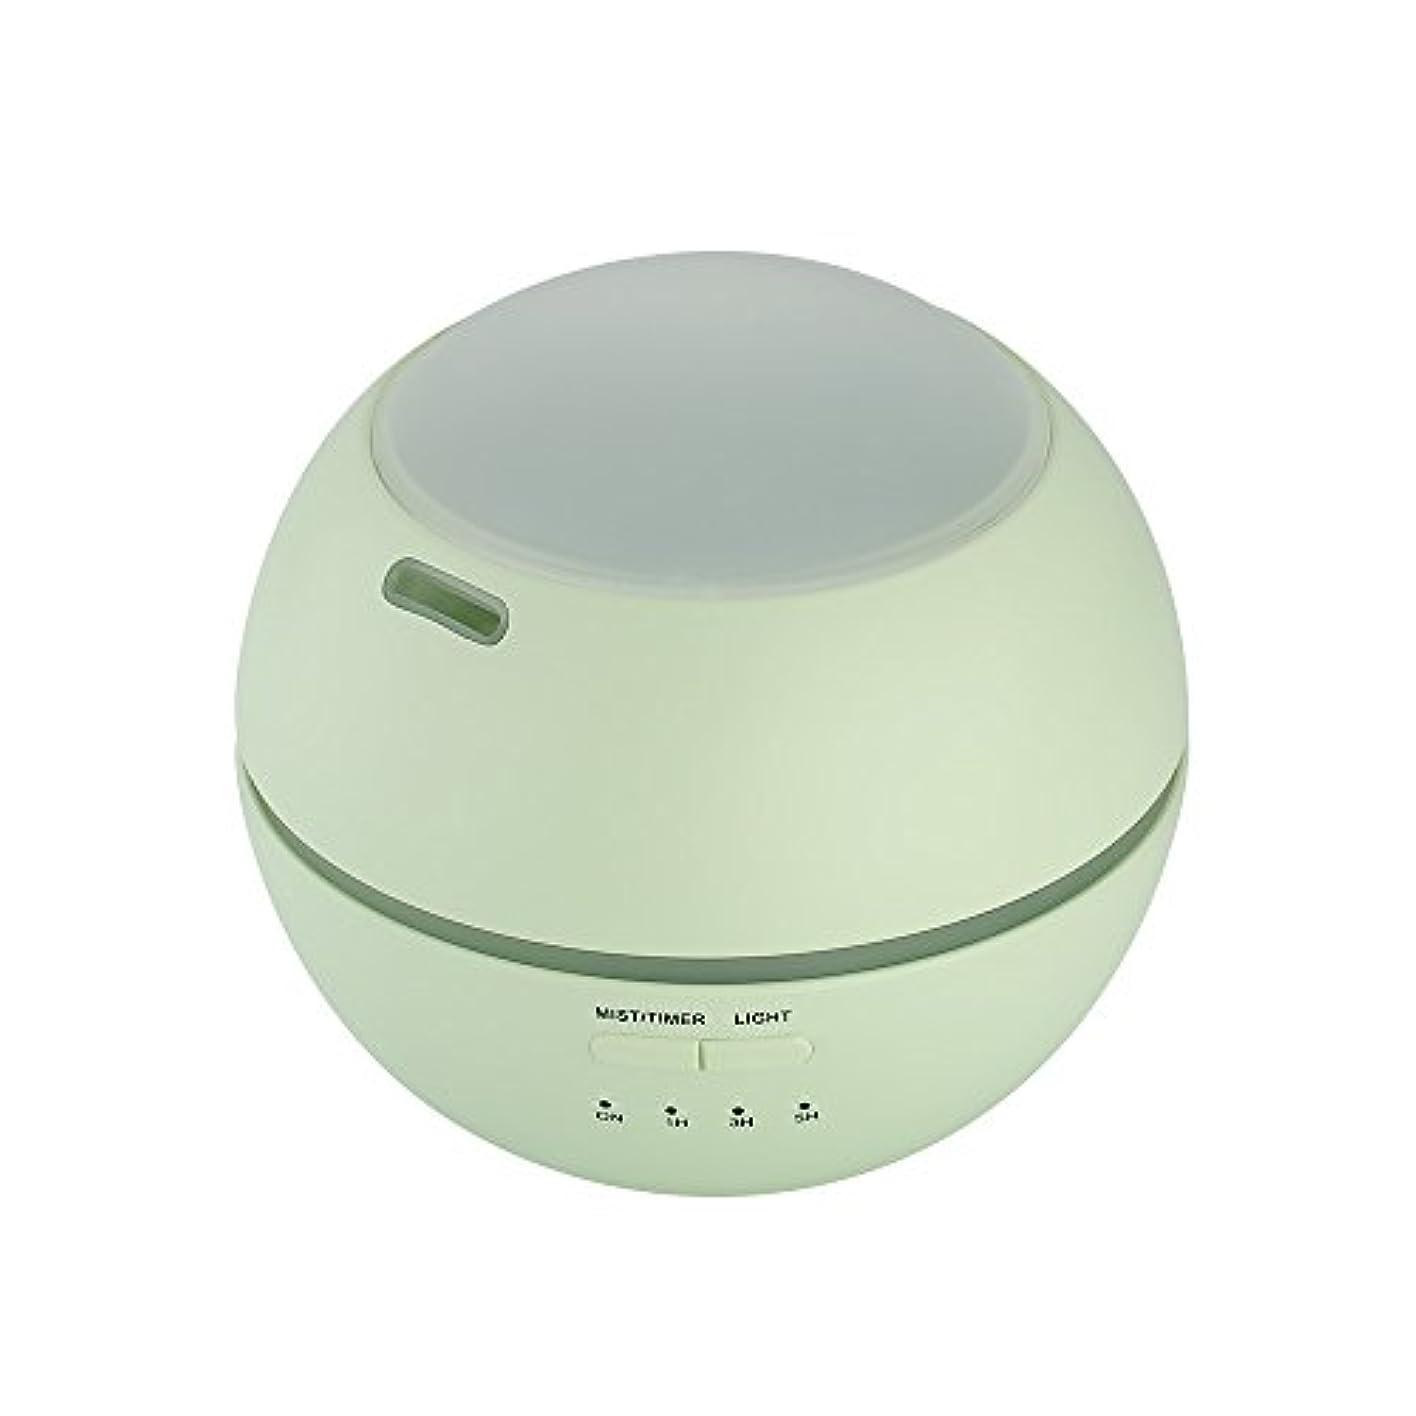 パートナーハング後退する超音波式 アロマディフューザー 卓上 加湿器 8色LEDライト変換 超静音 ミス調整可能 時間設定タイマー機能付き 空焚き防止機能搭載 アロマ加湿器 150mL by smartlife (グリーン)